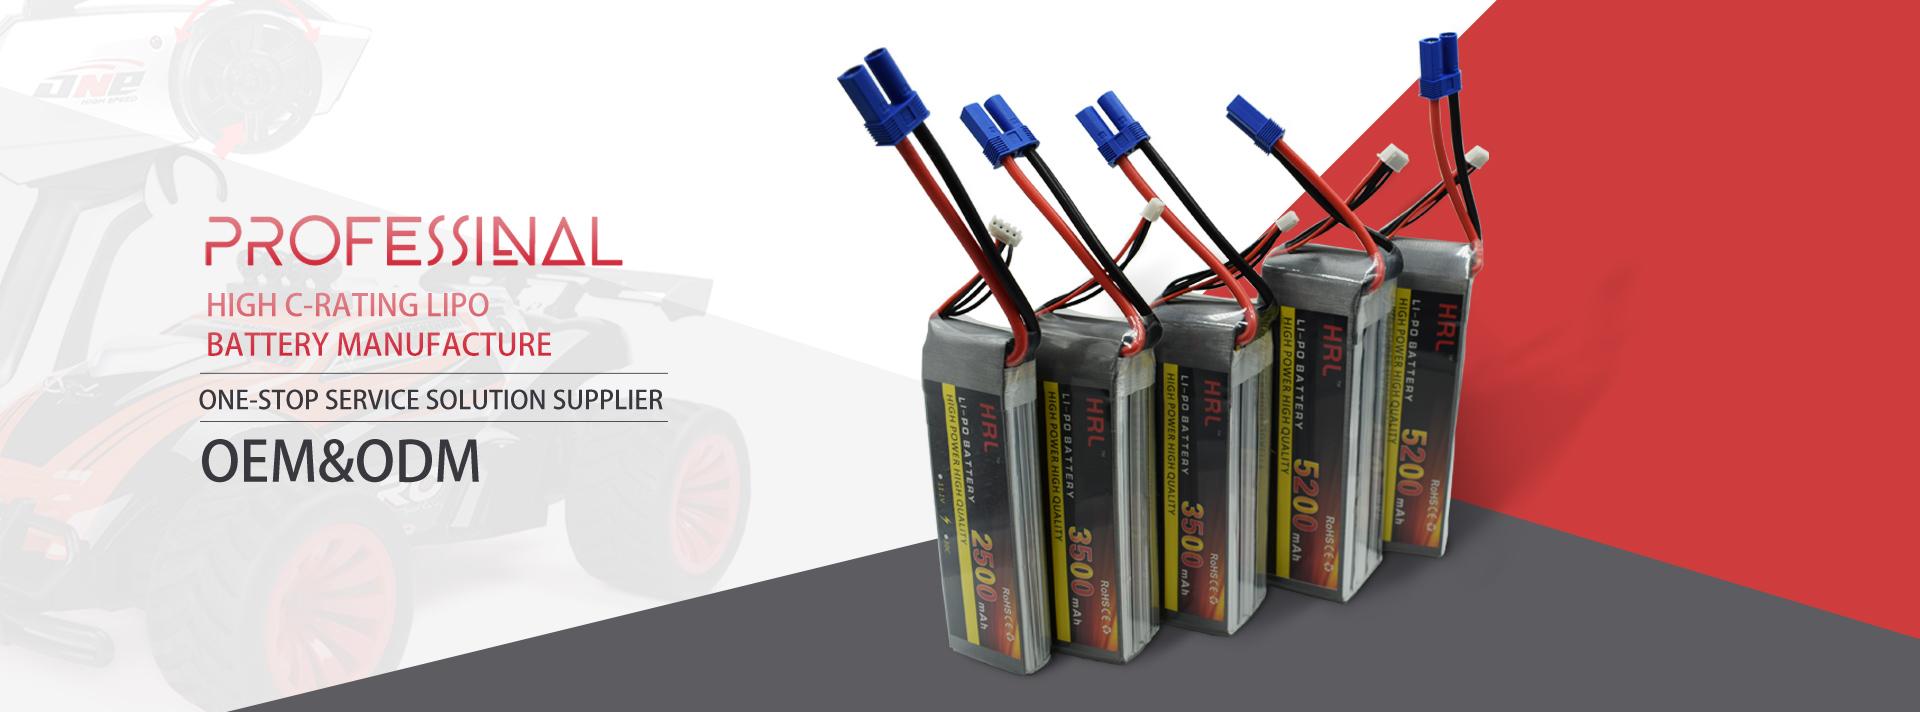 High Discharge C rating Lithium Polymer Battery 10C 15C 20C 25C 30C 40C 60C 80C